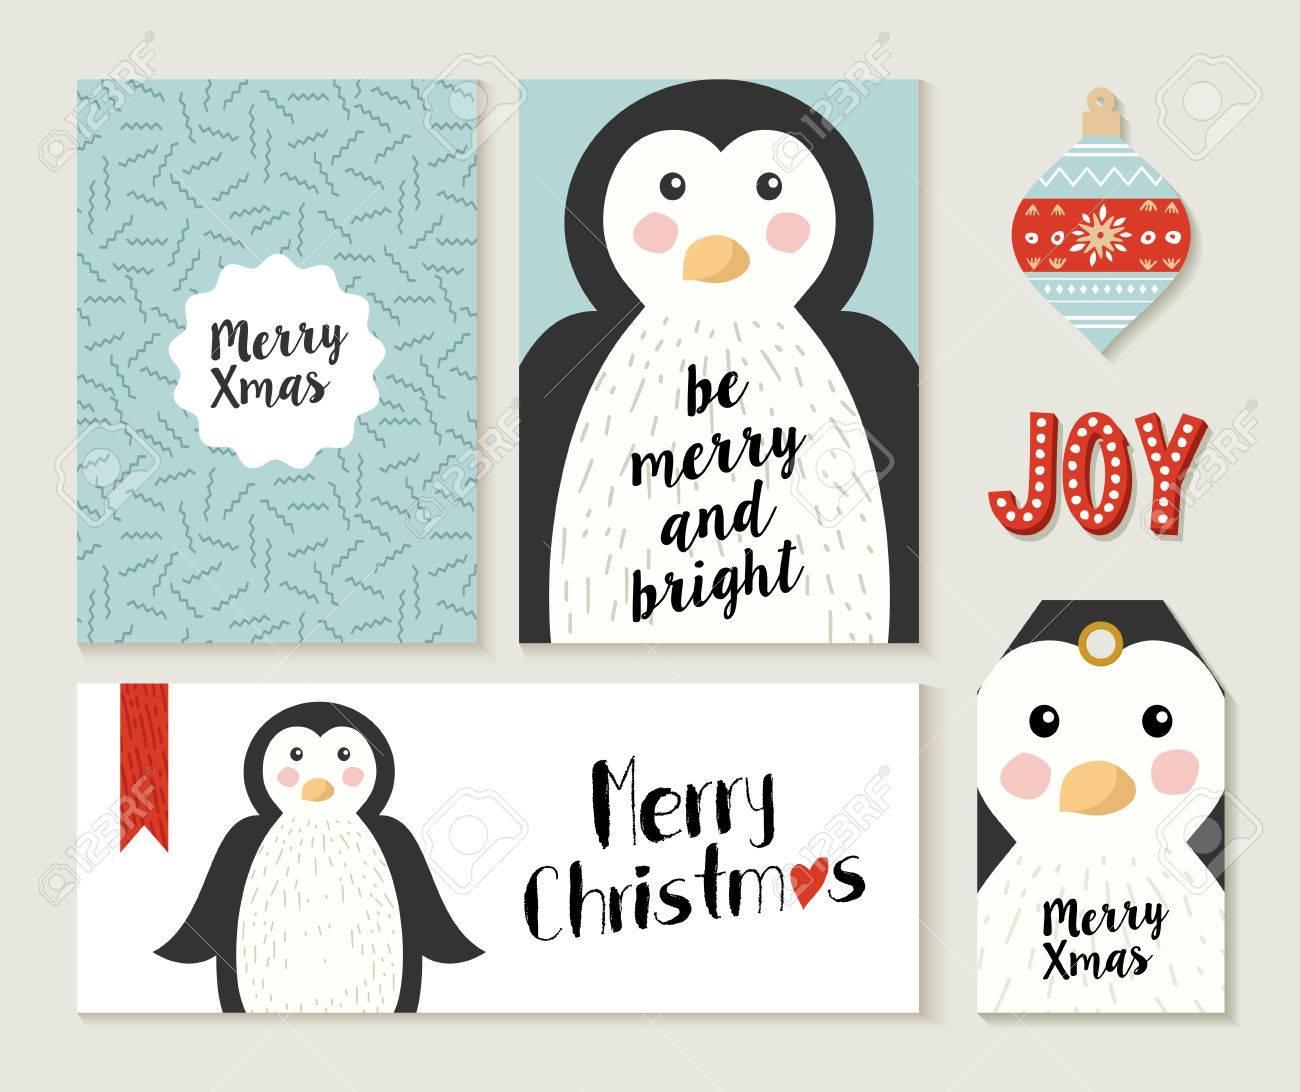 Vettoriale Merry Christmas Cartolina Impostato Con Simpatici